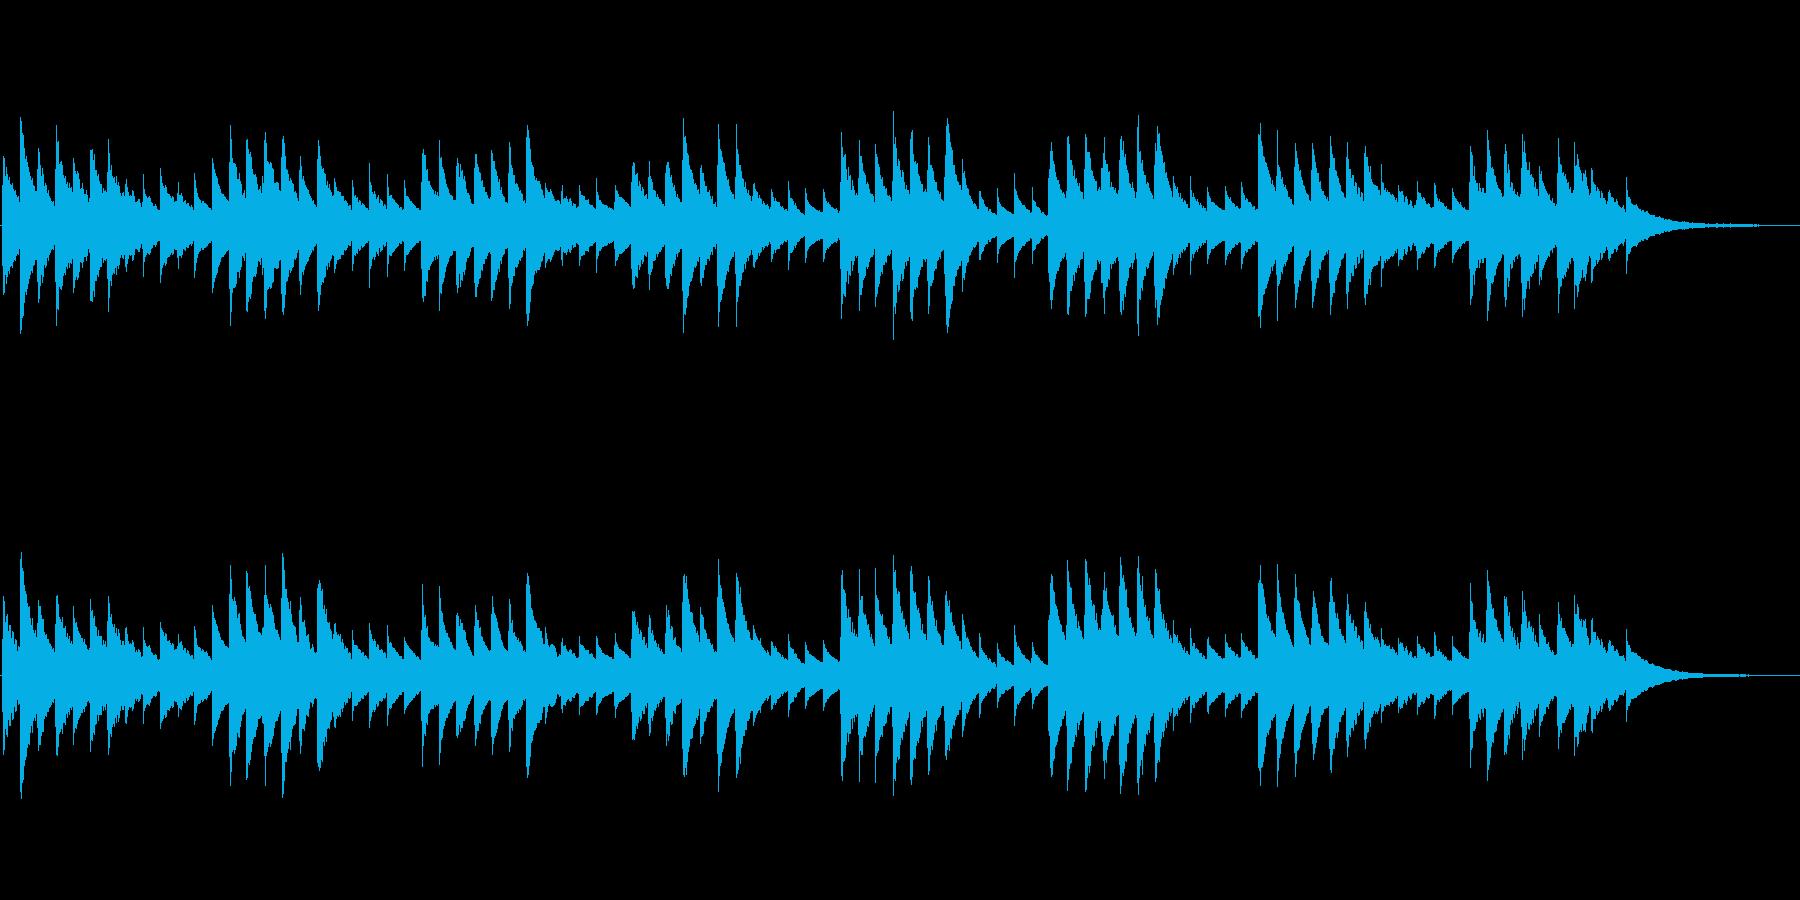 モーツァルトの子守唄(オルゴール)の再生済みの波形